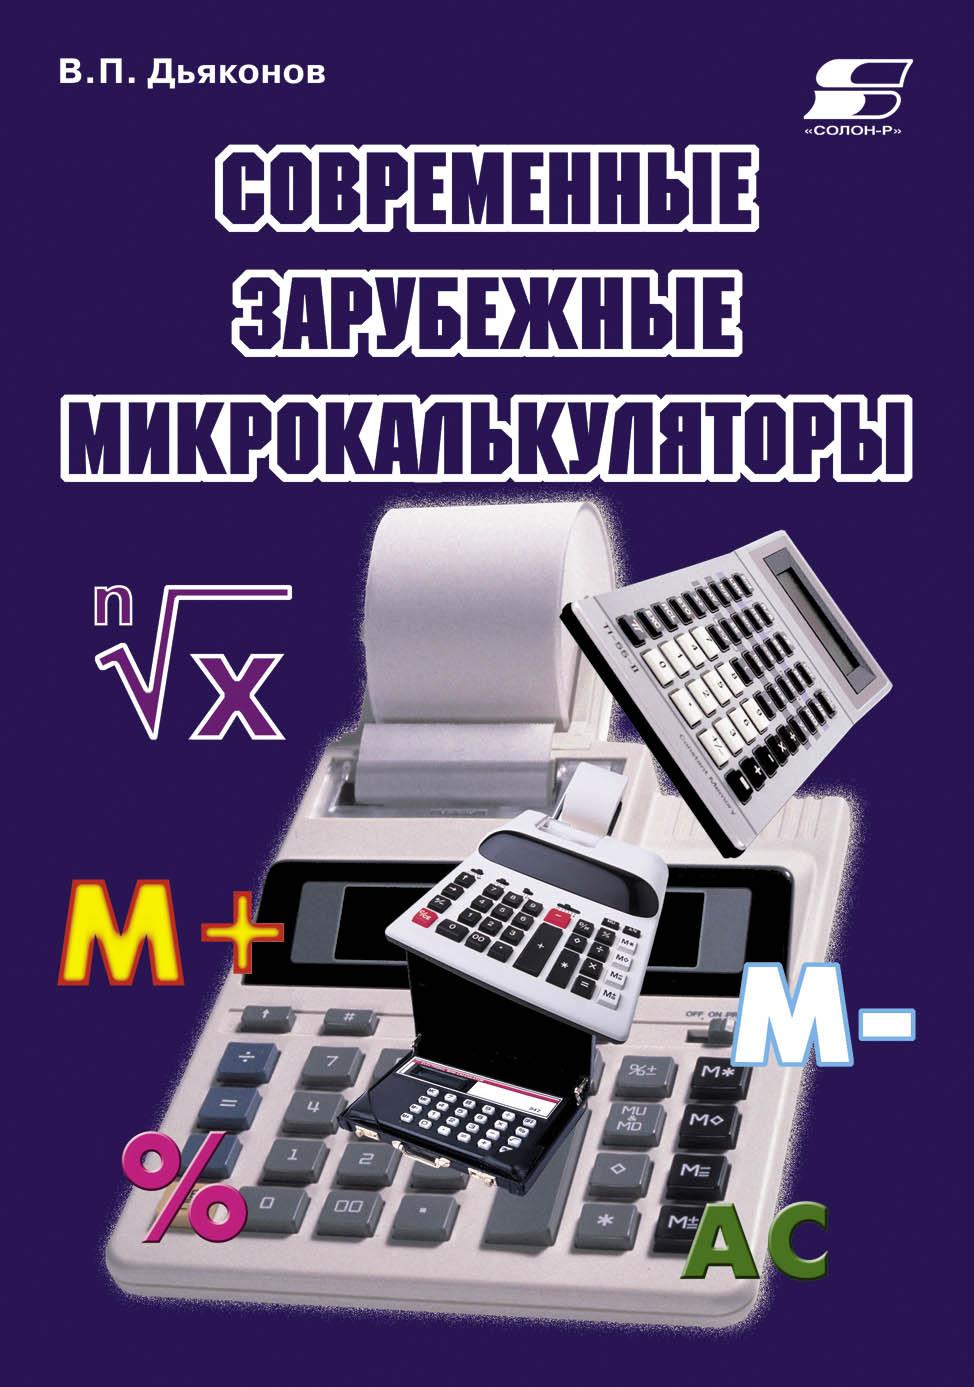 В. П. Дьяконов Современные зарубежные микрокалькуляторы в п дьяконов современные зарубежные микрокалькуляторы